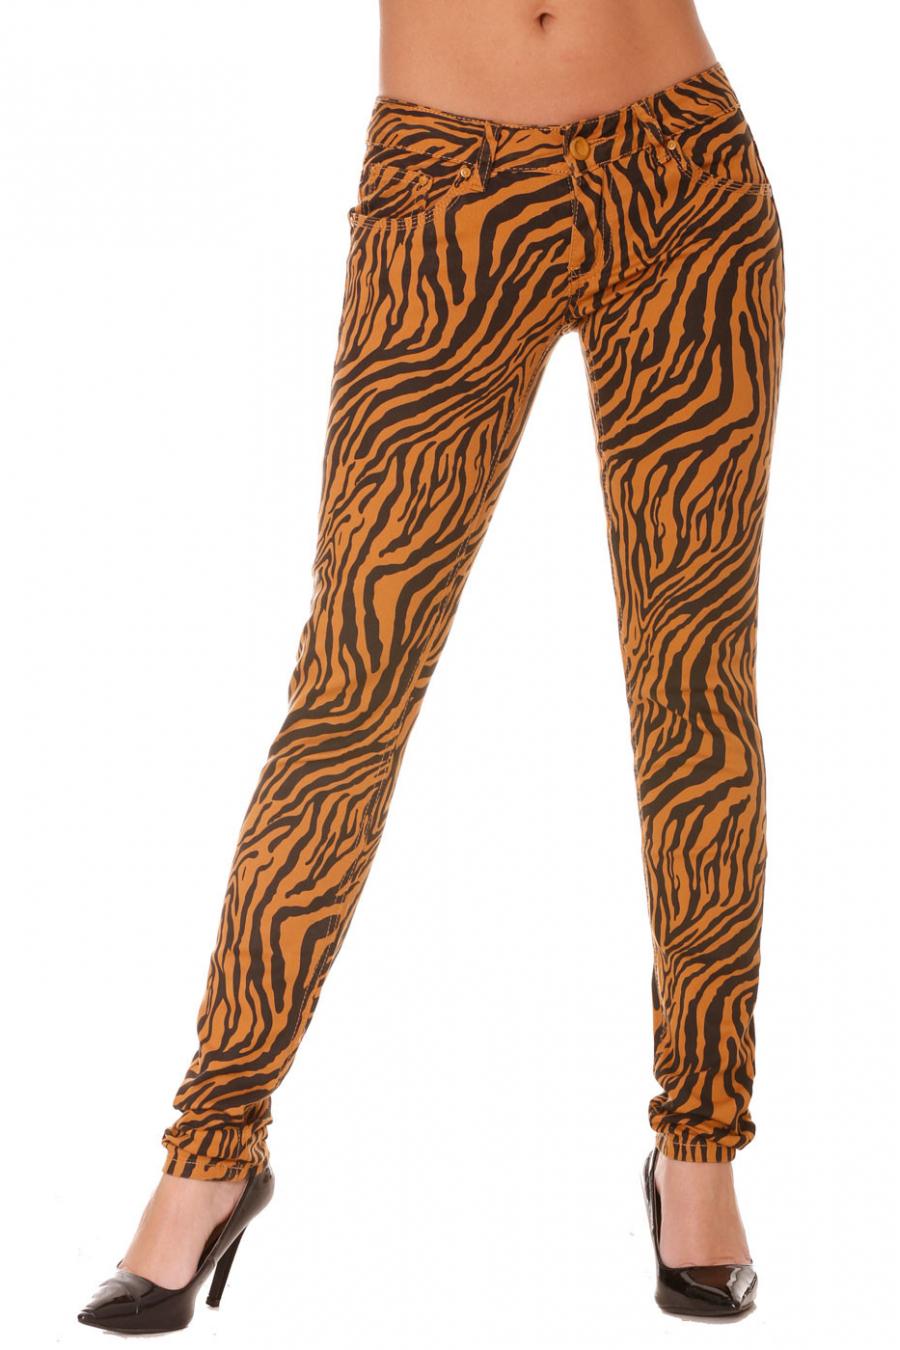 Pantalon Jeans automne avec magnifique motif noir - S1317F